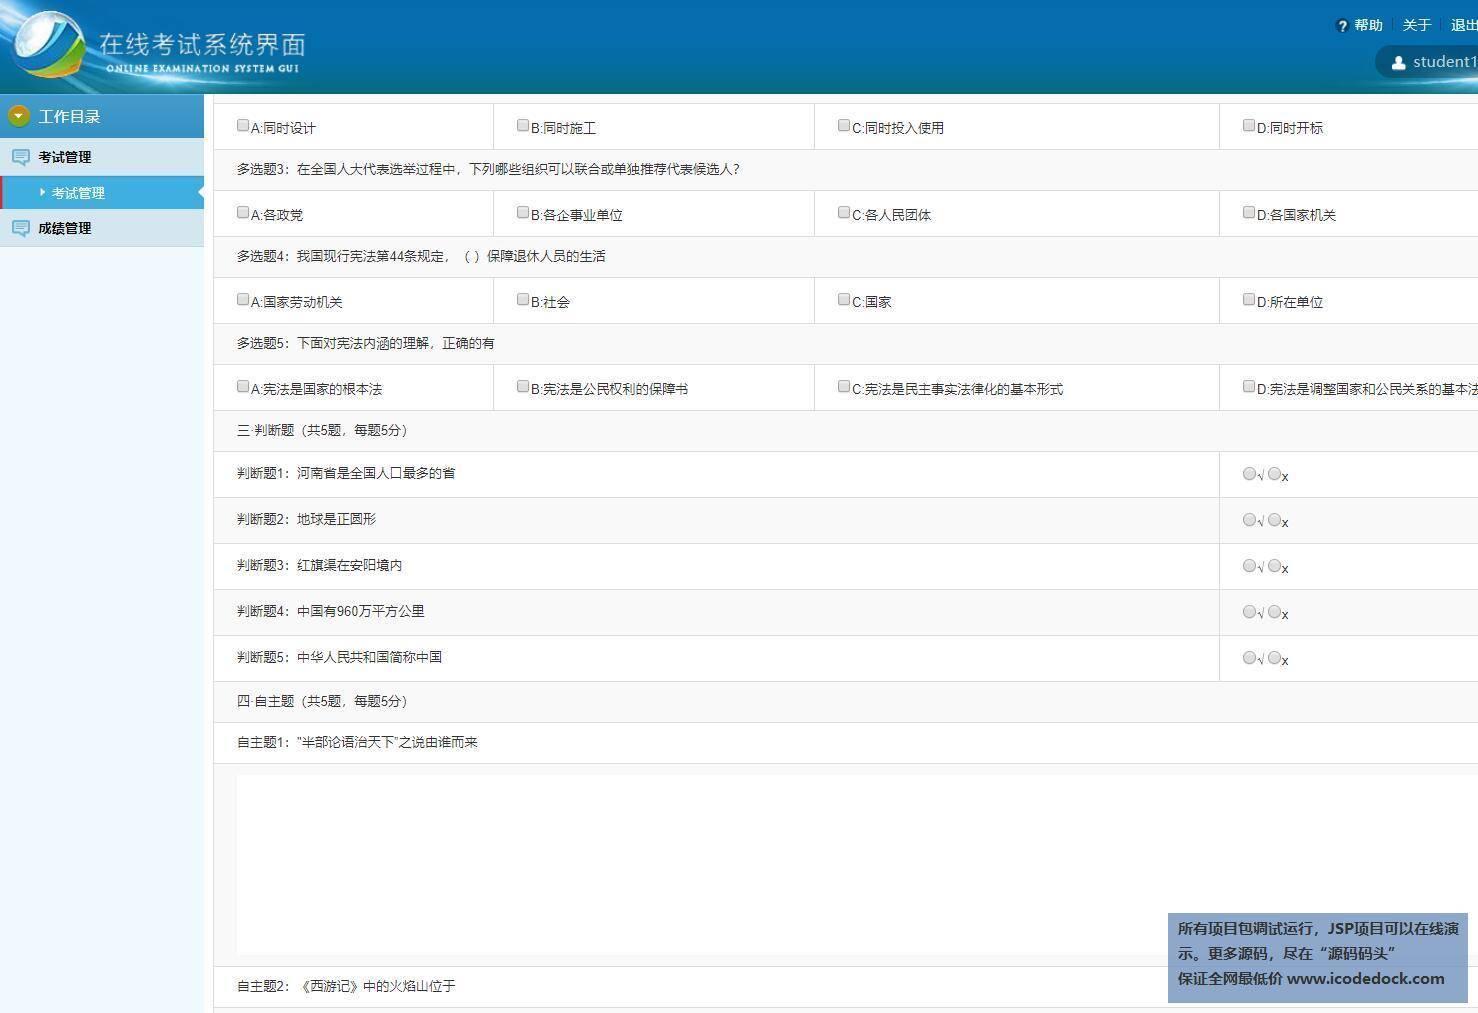 源码码头-SSH在线考试网站管理系统-学生角色-考试